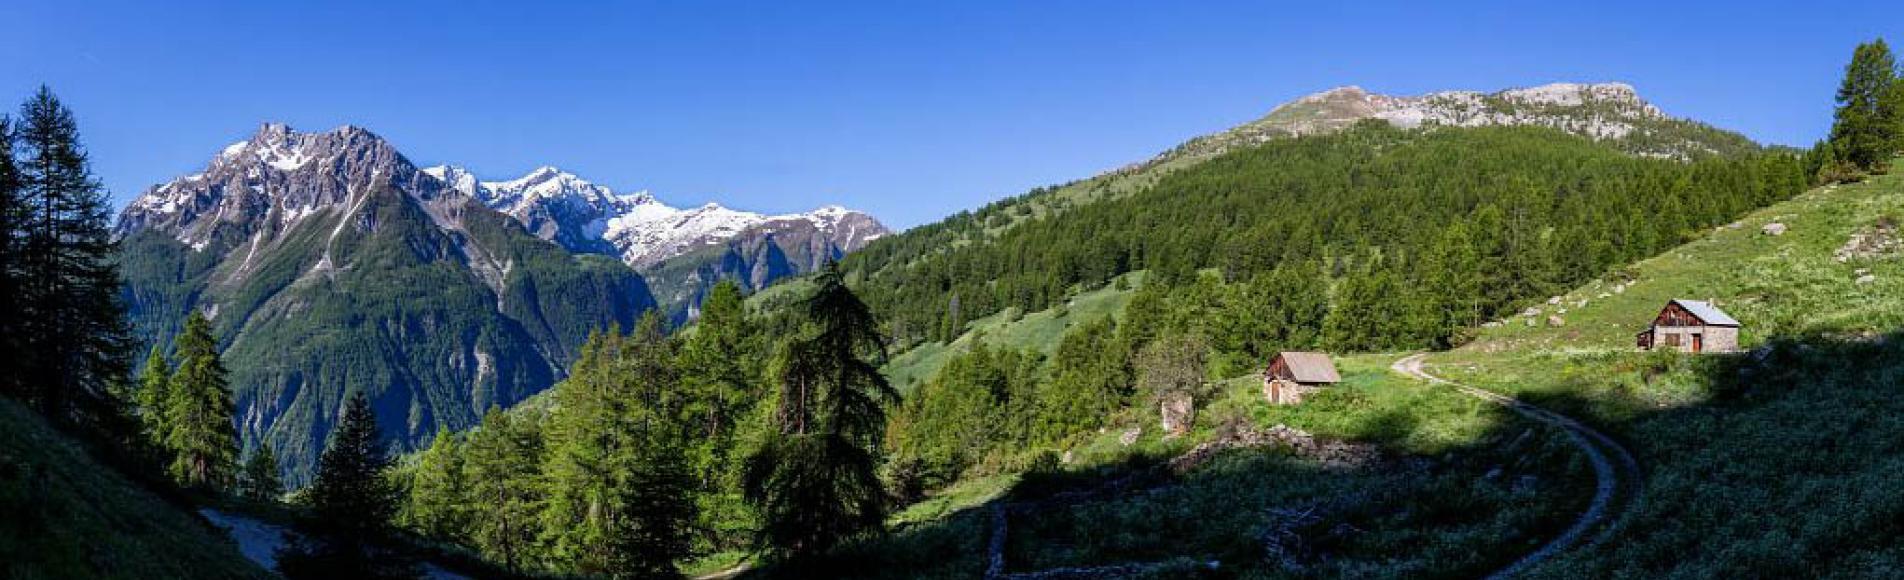 Cabane des Balmettes au printemps - photo T.Maillet - Parc national des Ecrins